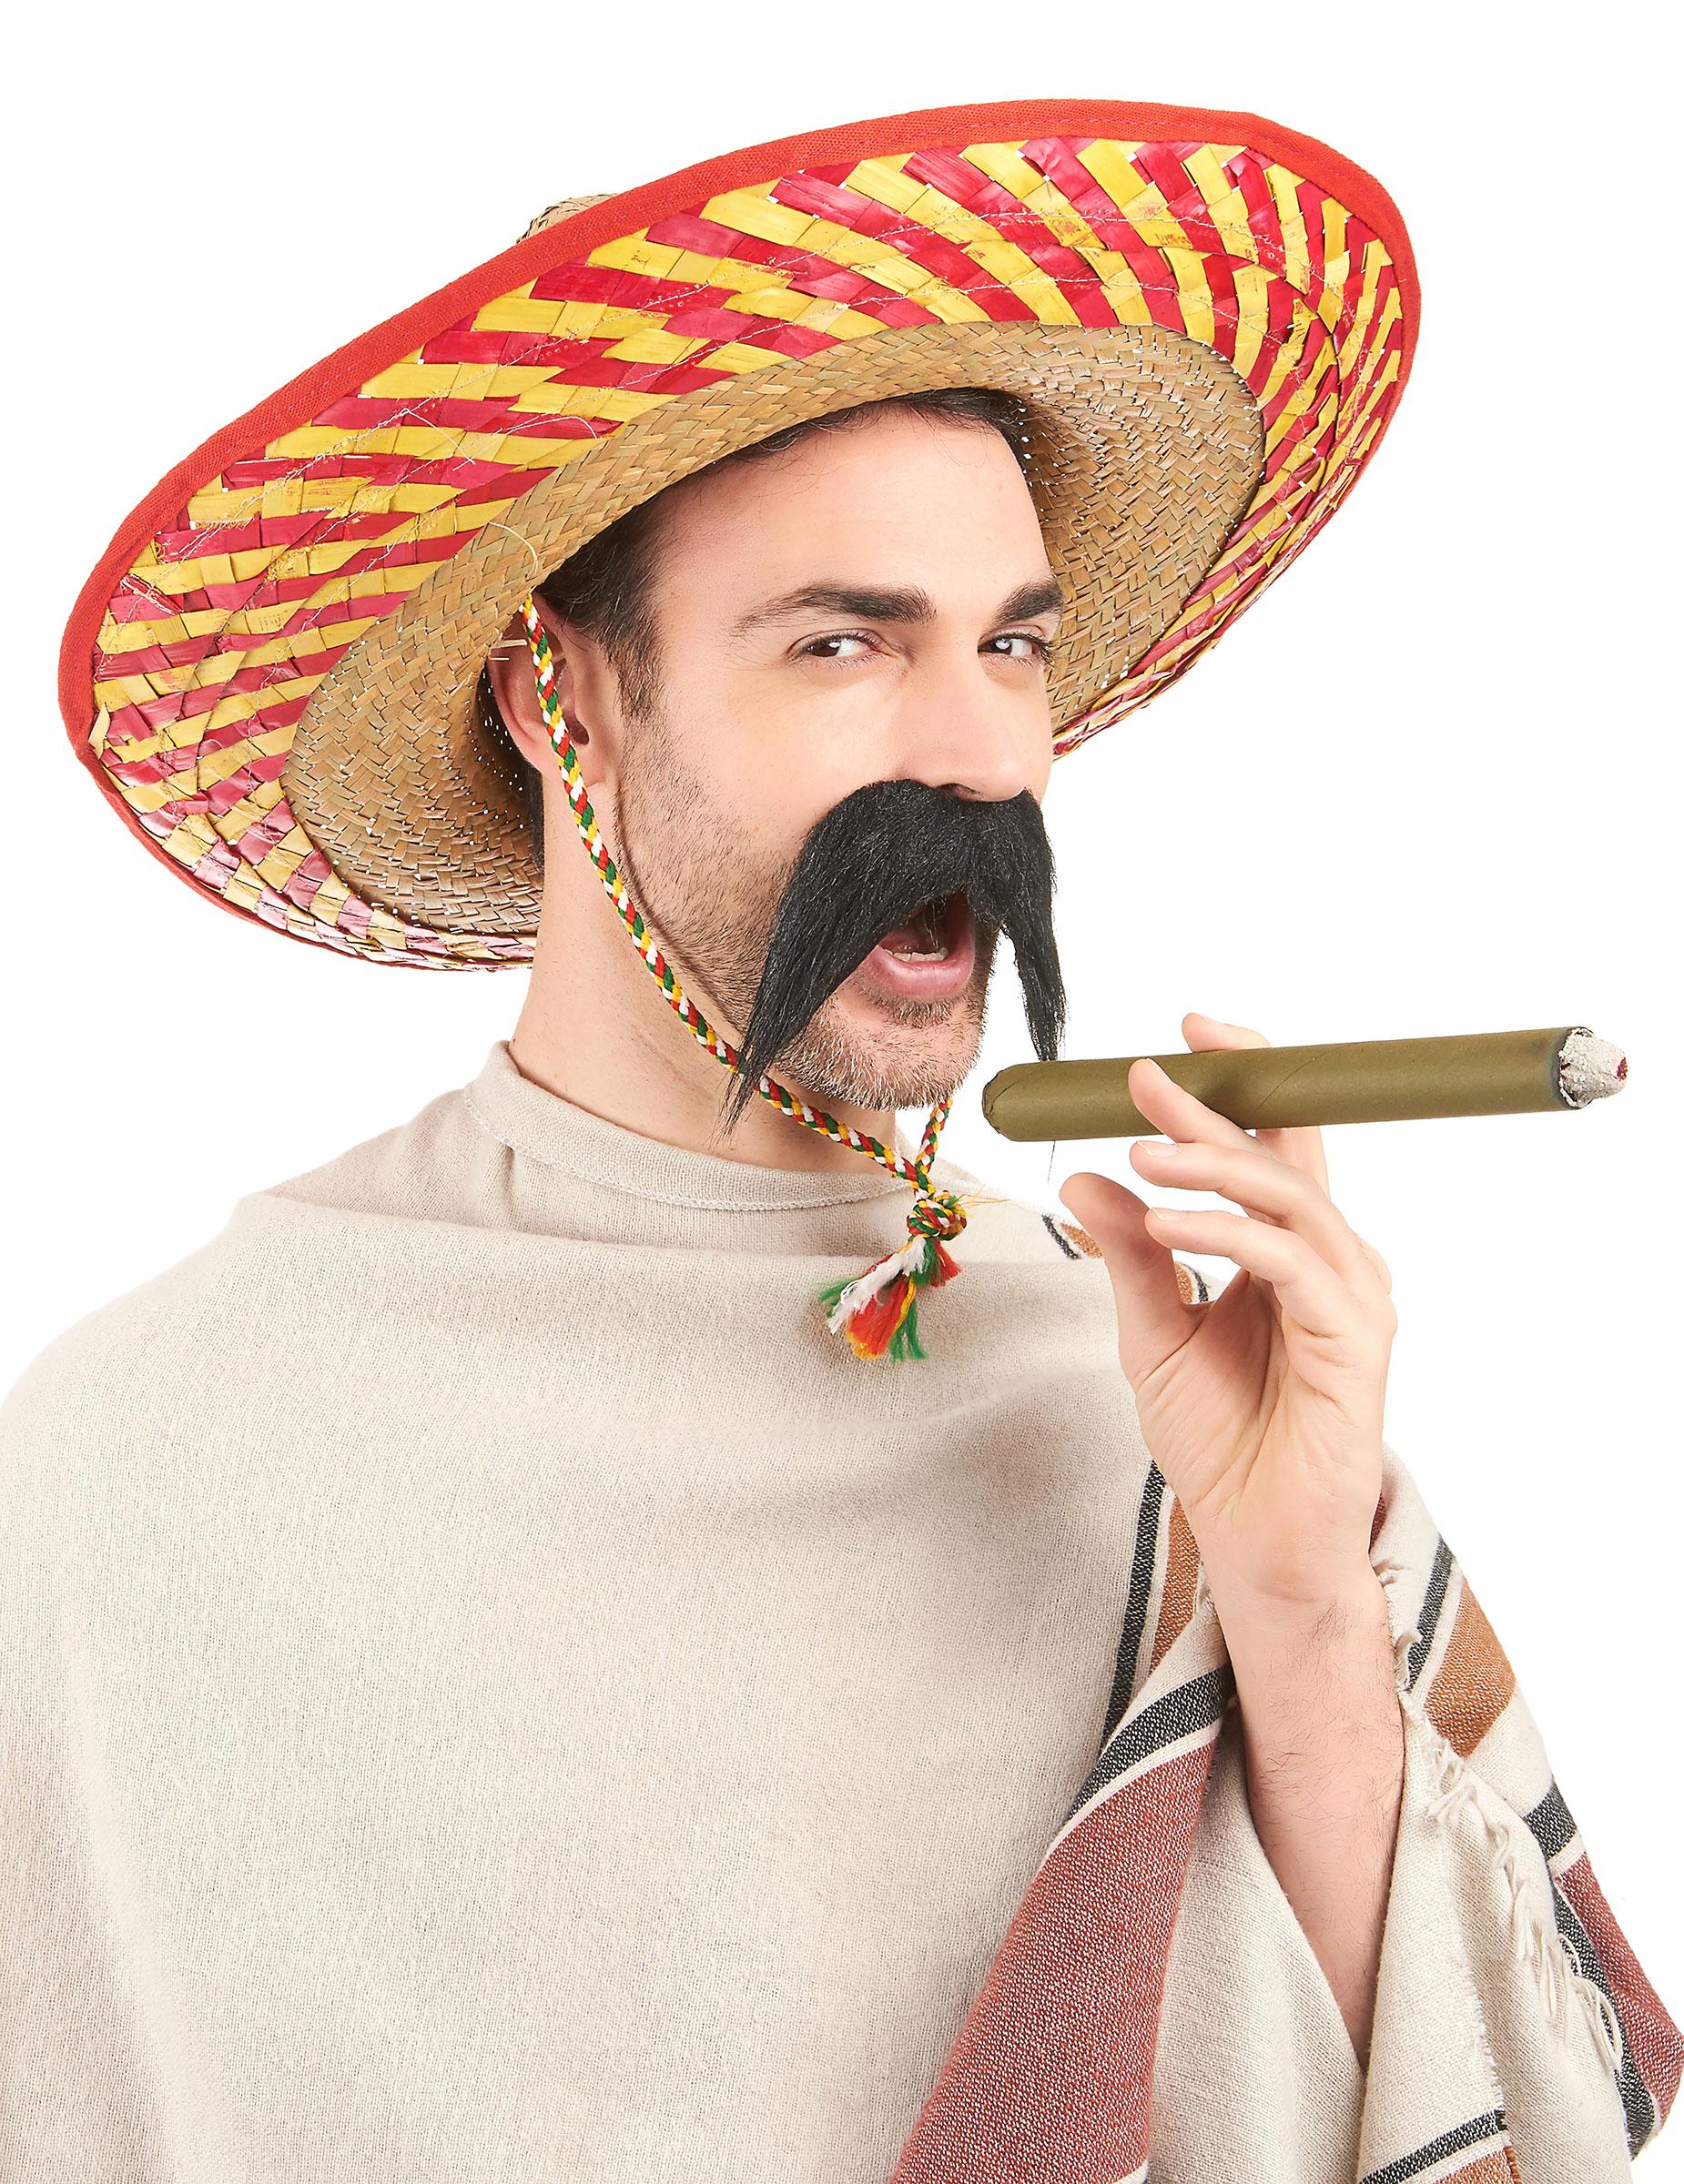 Cappello messicano adulto in paglia  Cappelli 6d8a0eacf54d